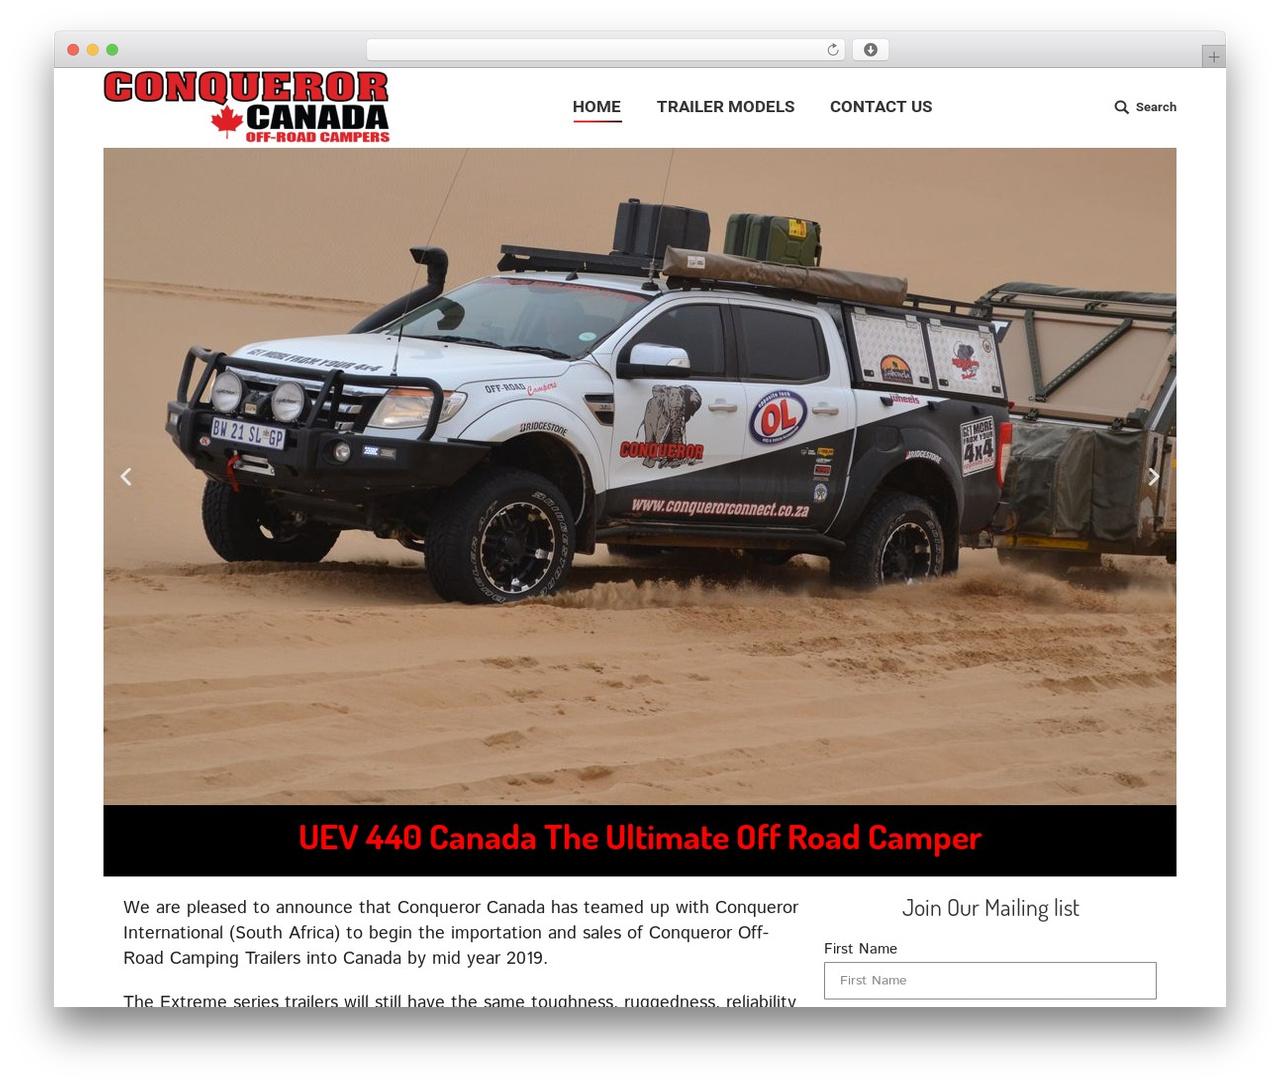 WP template The7 | Shared by VestaThemes.com - conquerorcanada.com